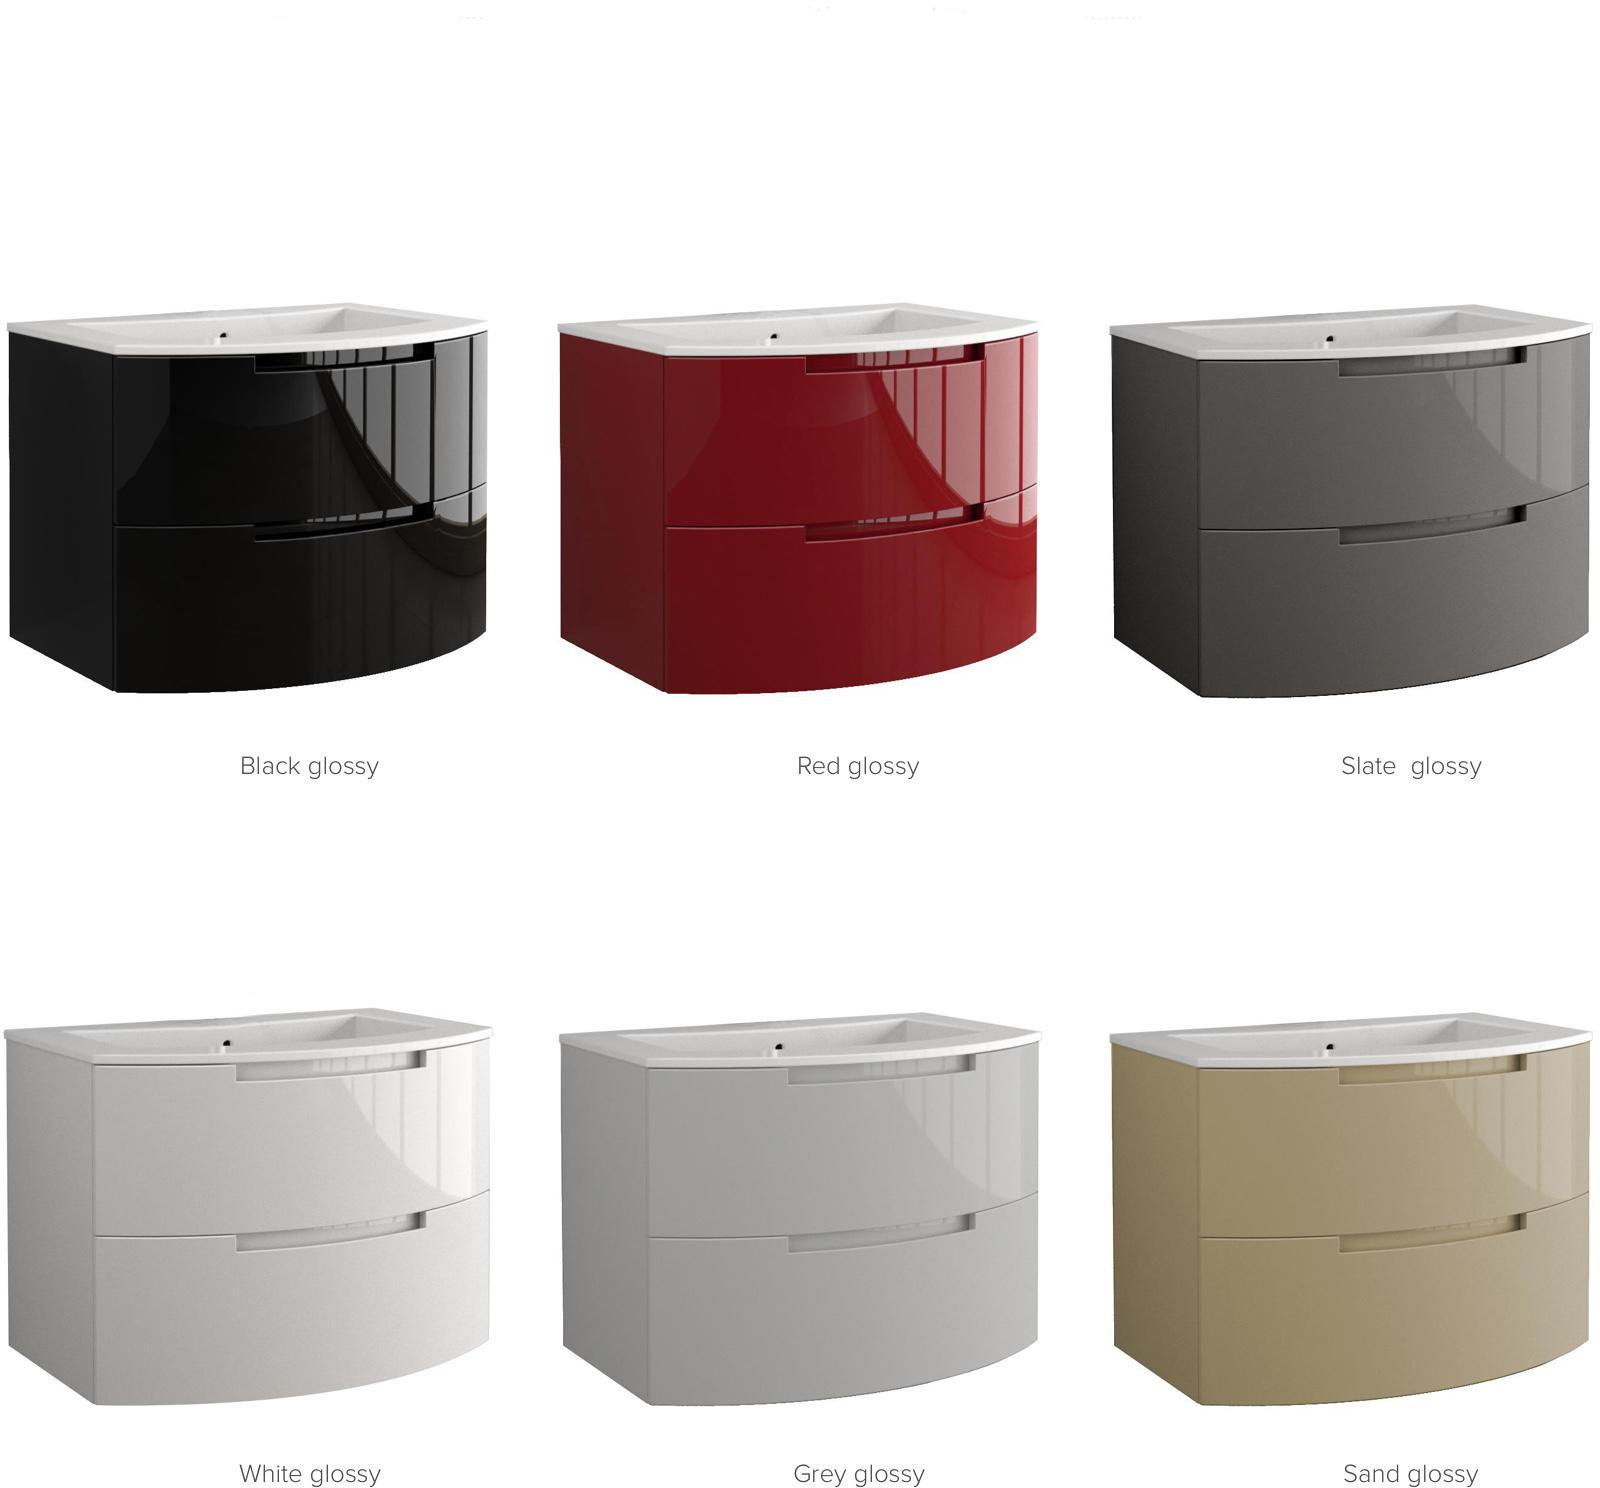 ... 29 Inch Modern Floating Bathroom Vanities